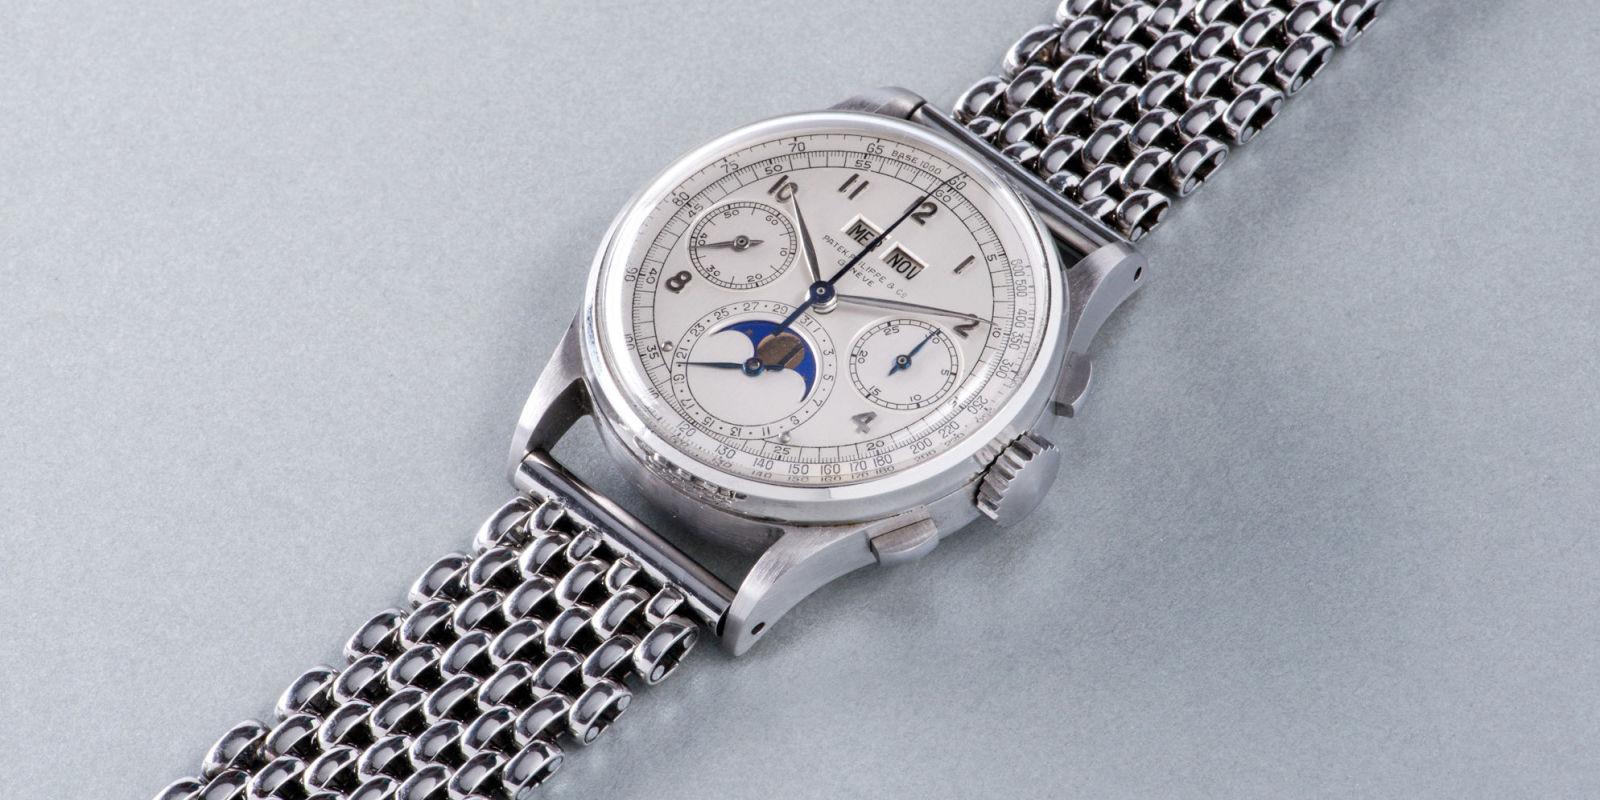 9a837045e43 Relógio mais caro da história é vendido por insanos R  37 milhões em leilão  - El Hombre